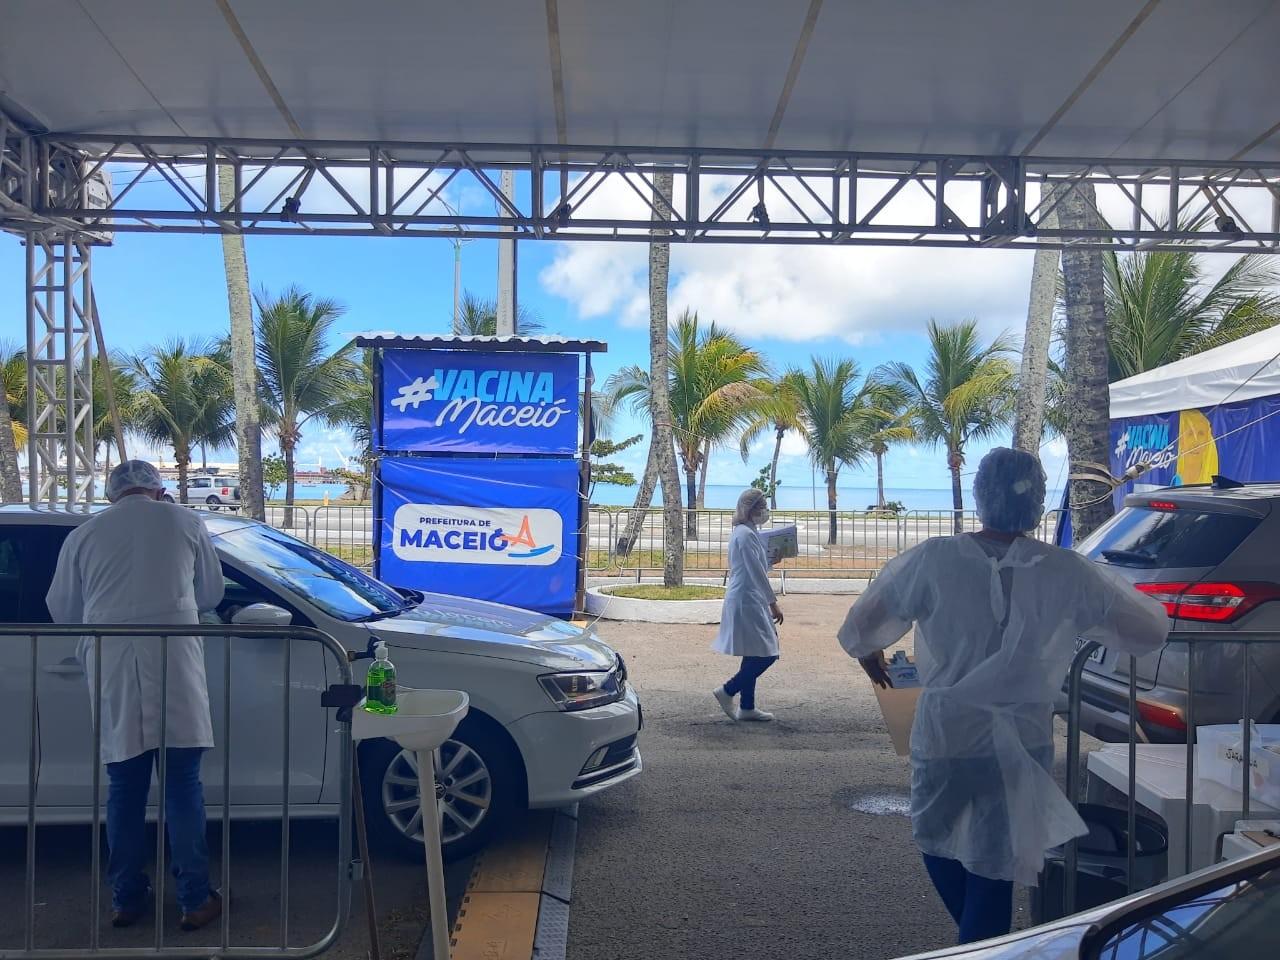 Postos drive-thru de vacinação contra a Covid em Maceió fazem plantão de 12 horas neste sábado